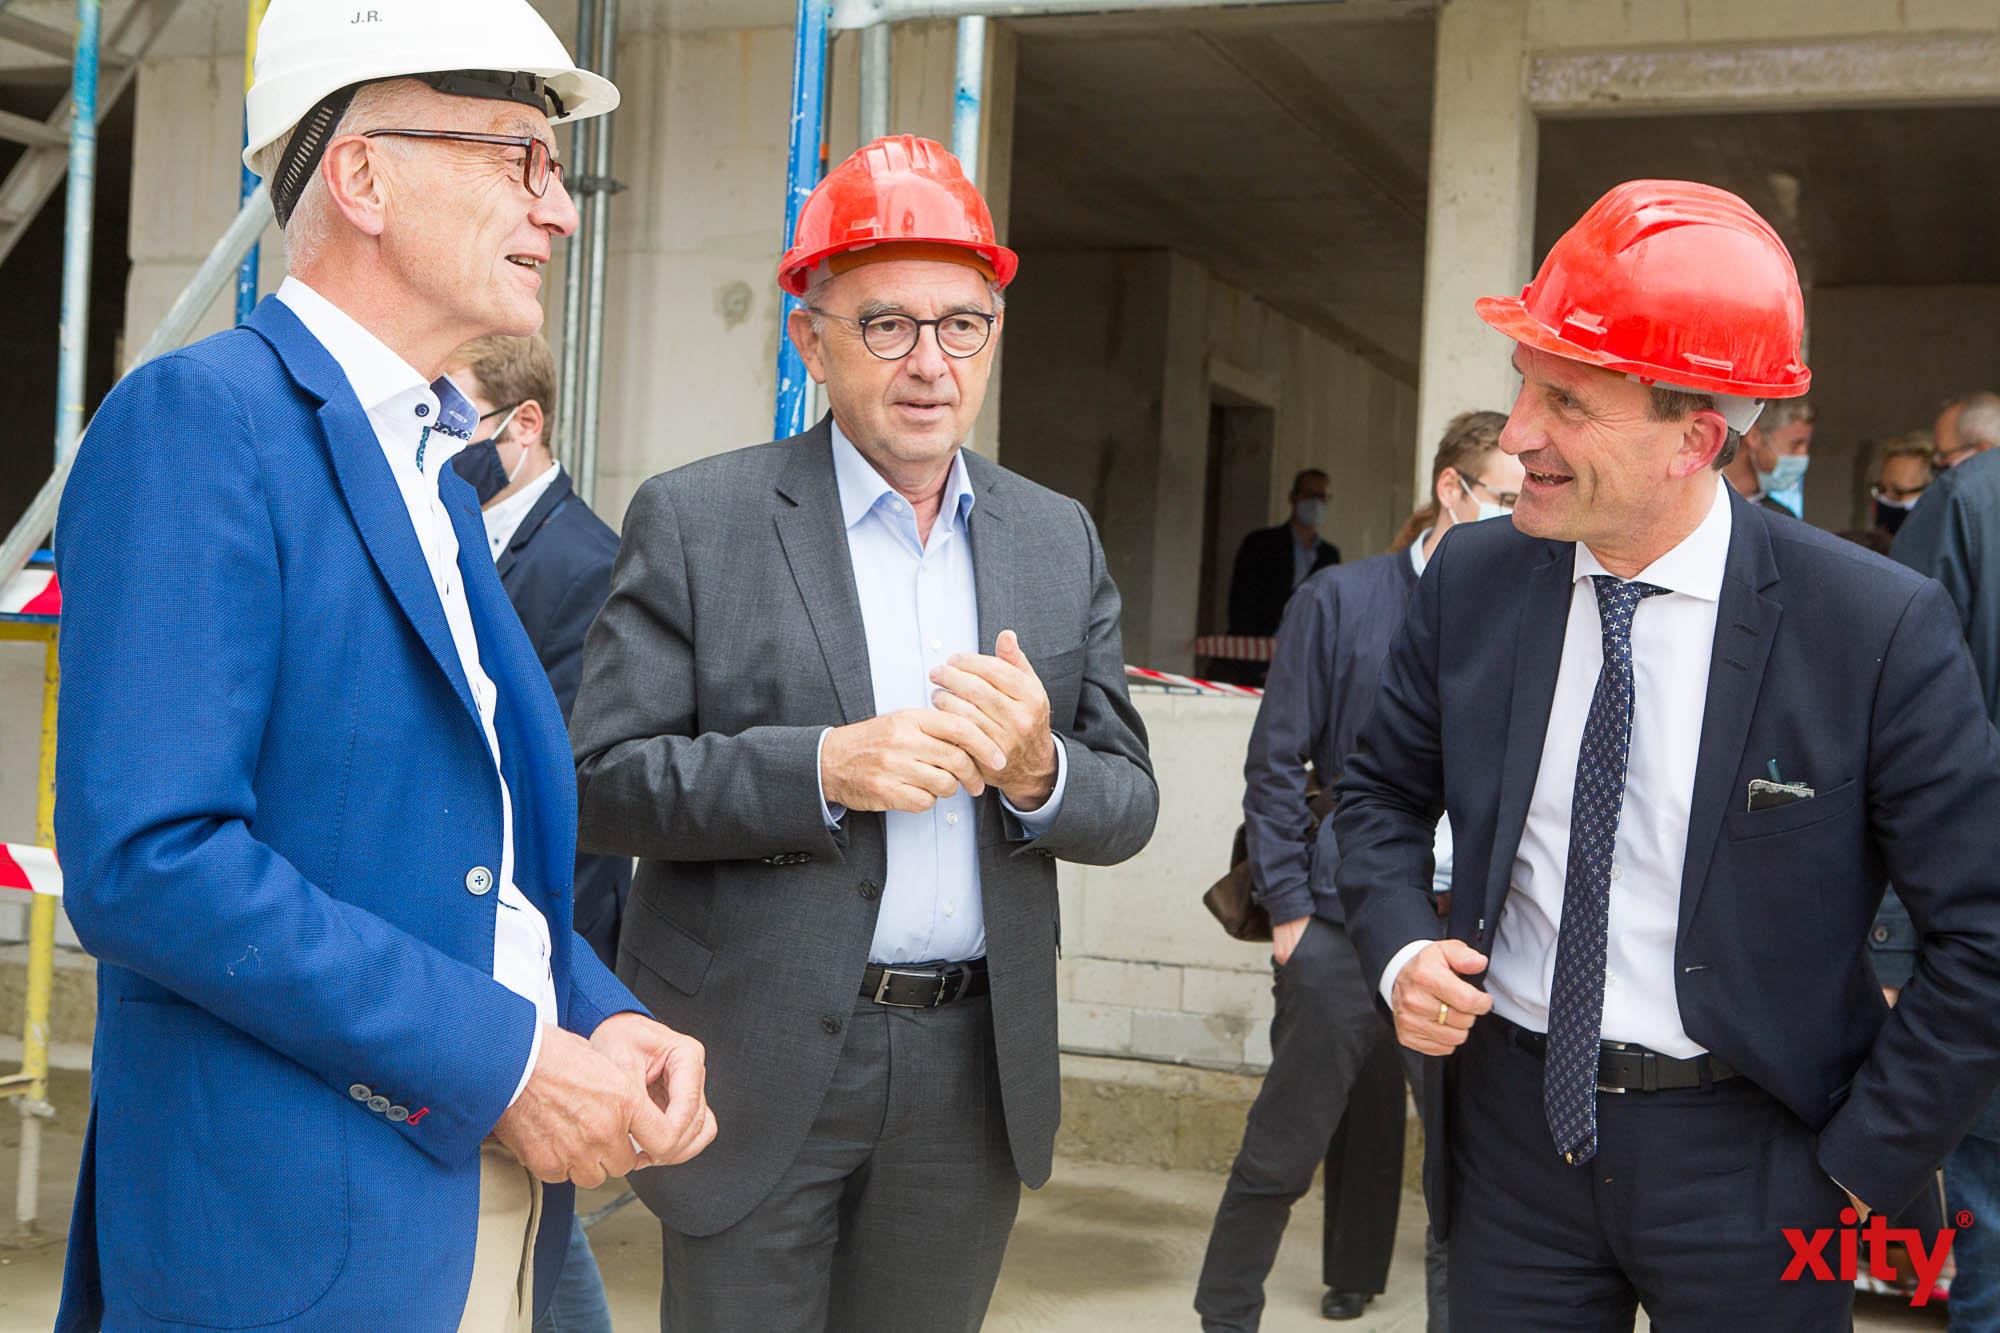 Investor Josef Rick, traf Norbert Walter-Borjans und OB Thomas Geisel auf der Baustelle (Foto: xity)